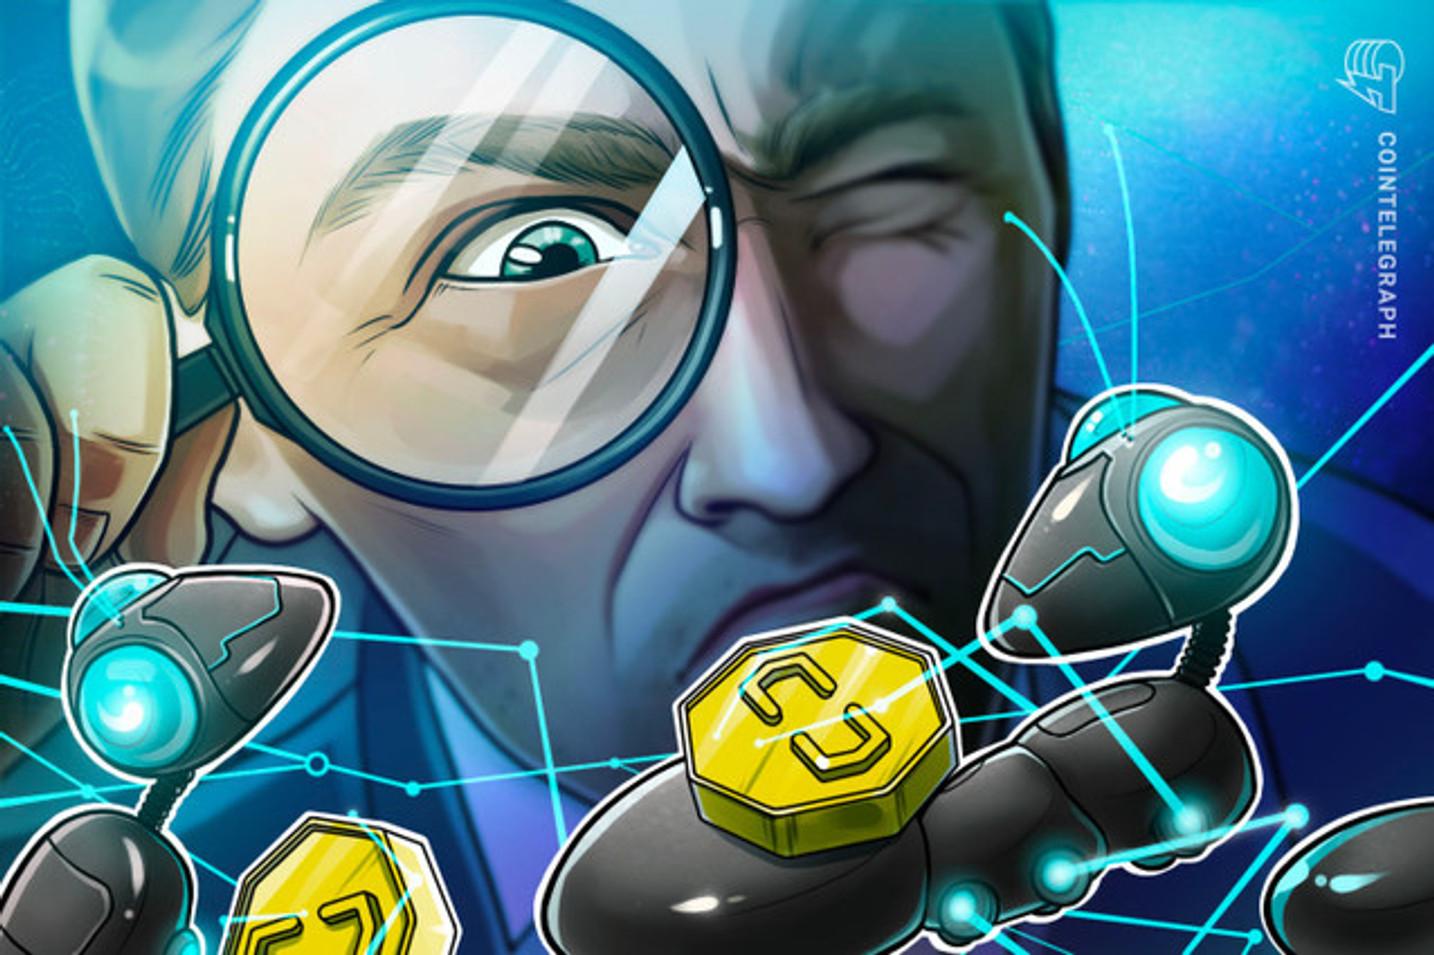 La plataforma Bitcoin Code ¿es un scam o es fiable?